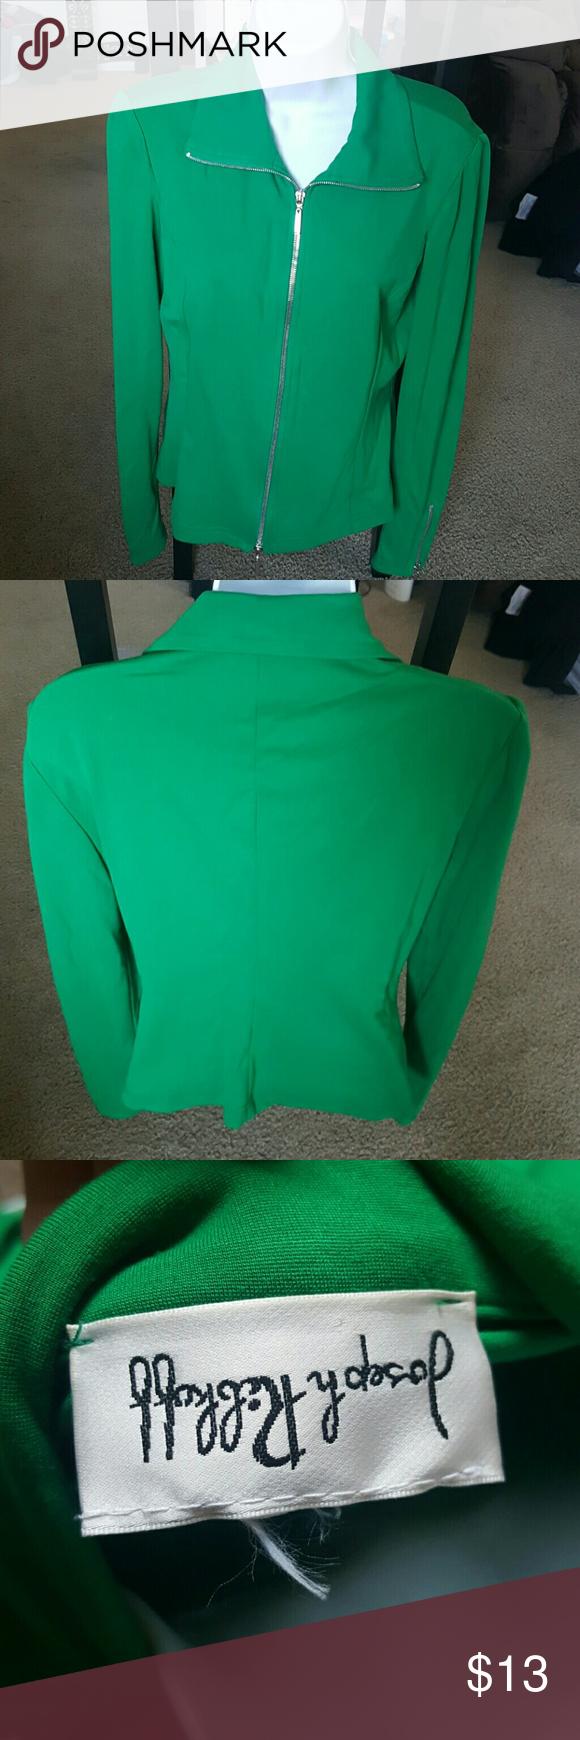 Joseph Ribkoff  - green jacket (L) Large - green jacket Joseph Ribkoff Jackets & Coats